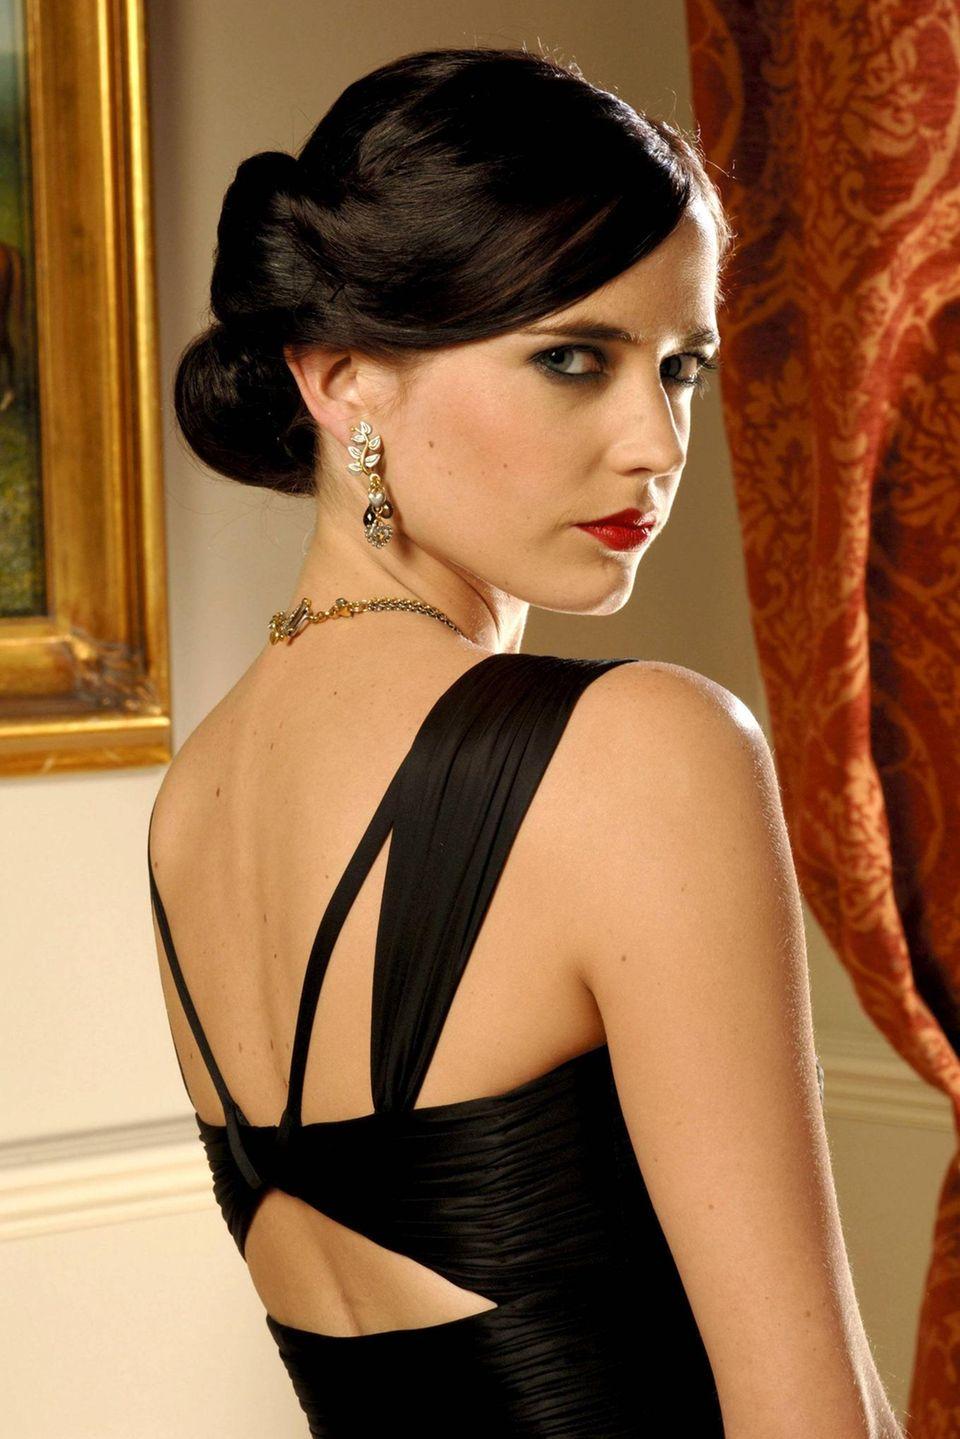 """Wir sind gebannt von diesem eindringlichen, lasziven Blick – Eva Green beherrscht ihn in der Rolle des Bond-Girls in """"Casino Royal"""" im Jahr 2006perfekt. Ihre dunkel geschminkten, eindrucksvollen Augen machen sie wohl zu einer der verführerischsten Liebschaften des 007-Agenten. Auch 14 Jahre später ...."""